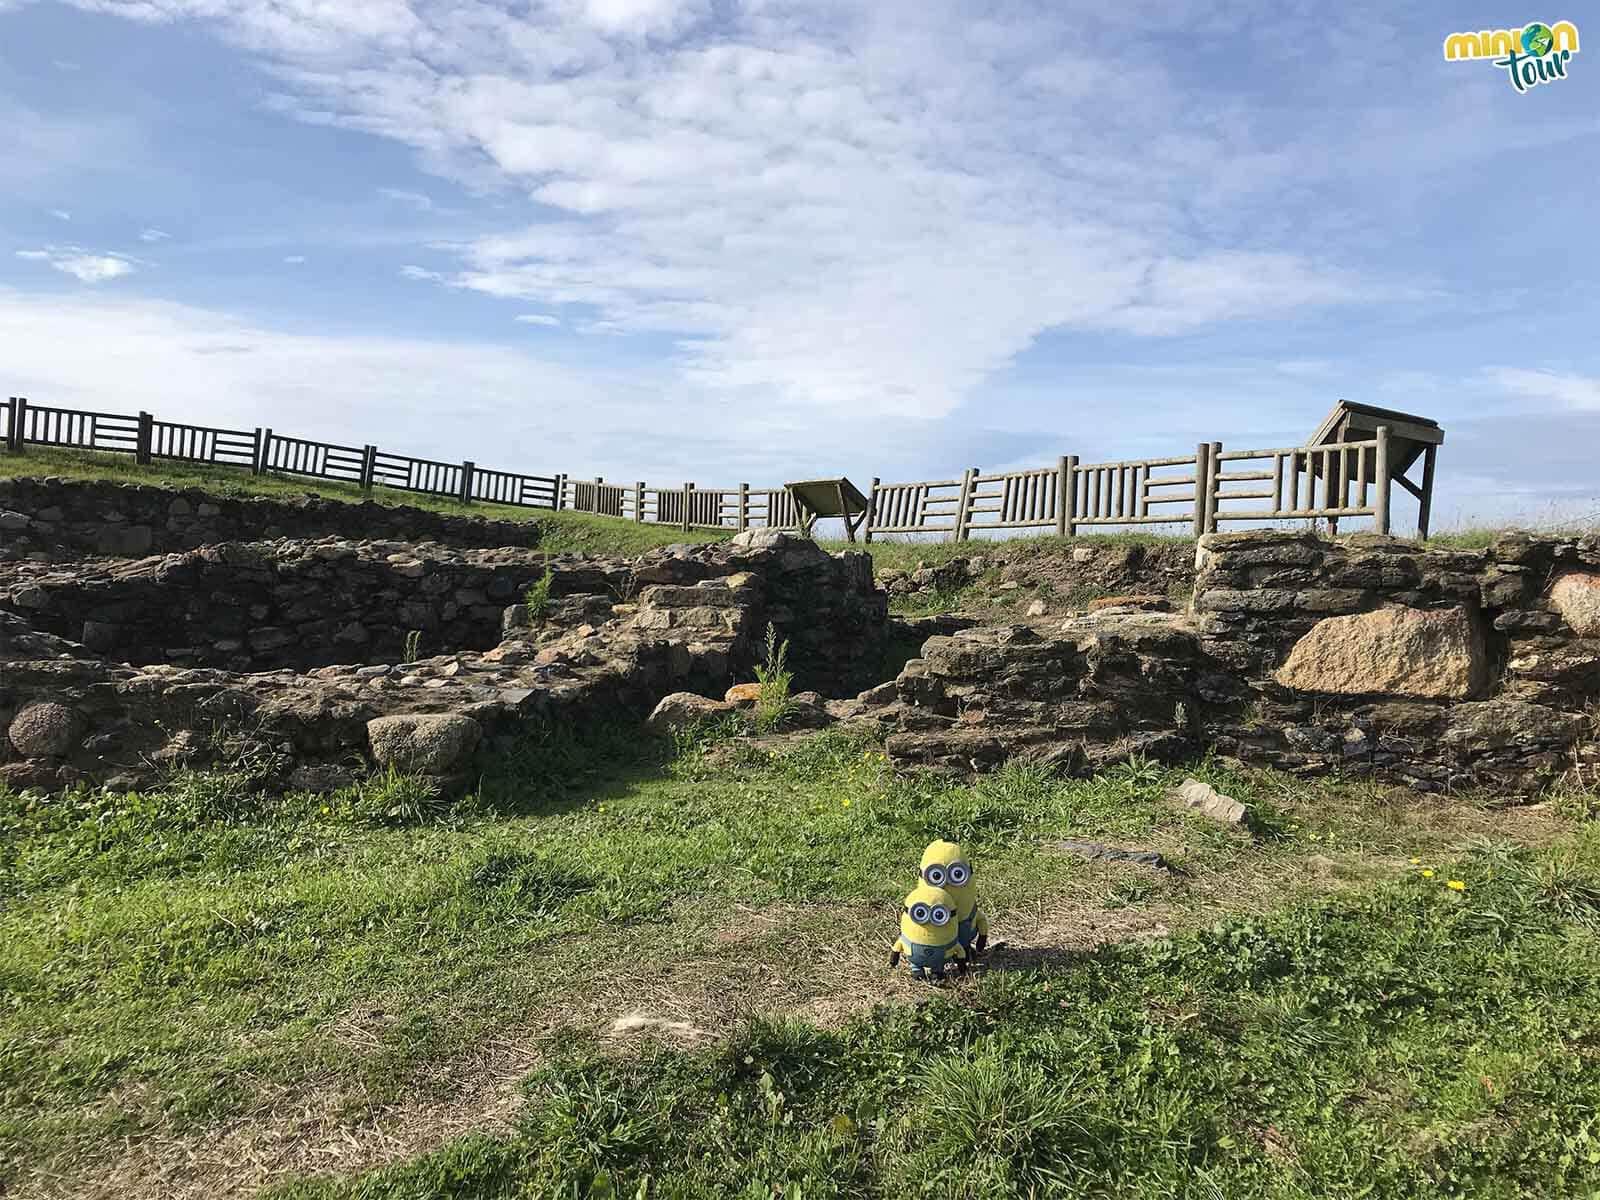 Estamos viendo los primeros basureros de Galicia